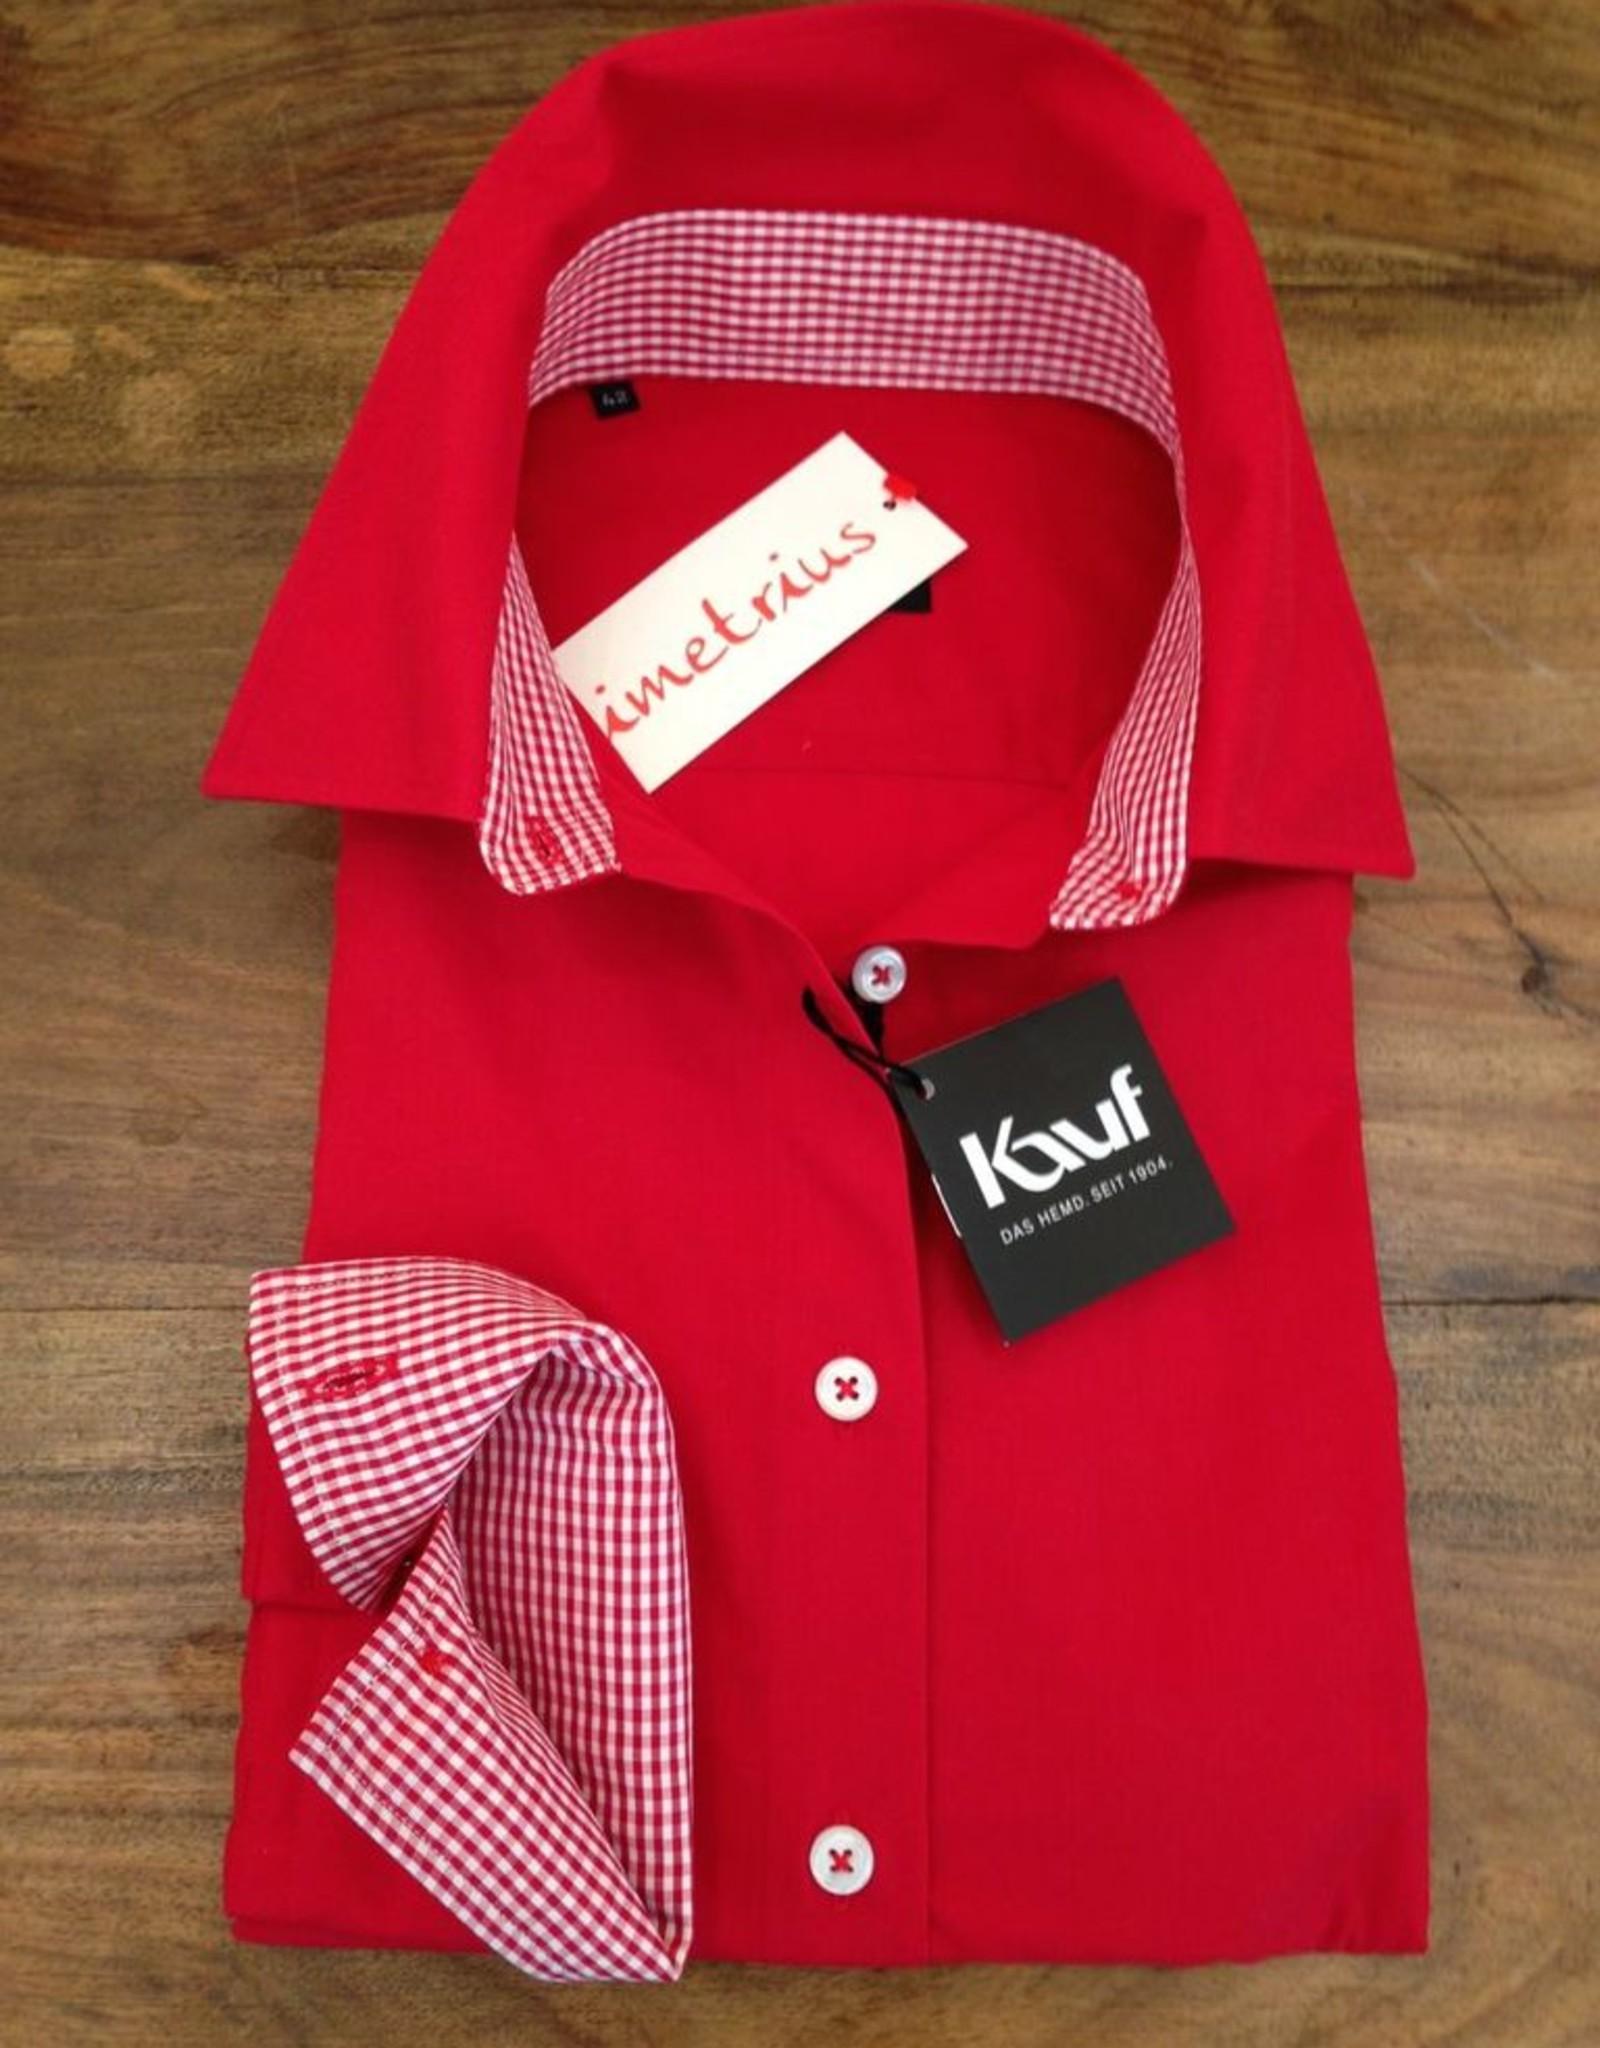 Kauf Kauf Damen Bluse stark Tailliert 100%BW, Achtung eine Nummer grösser kaufen!